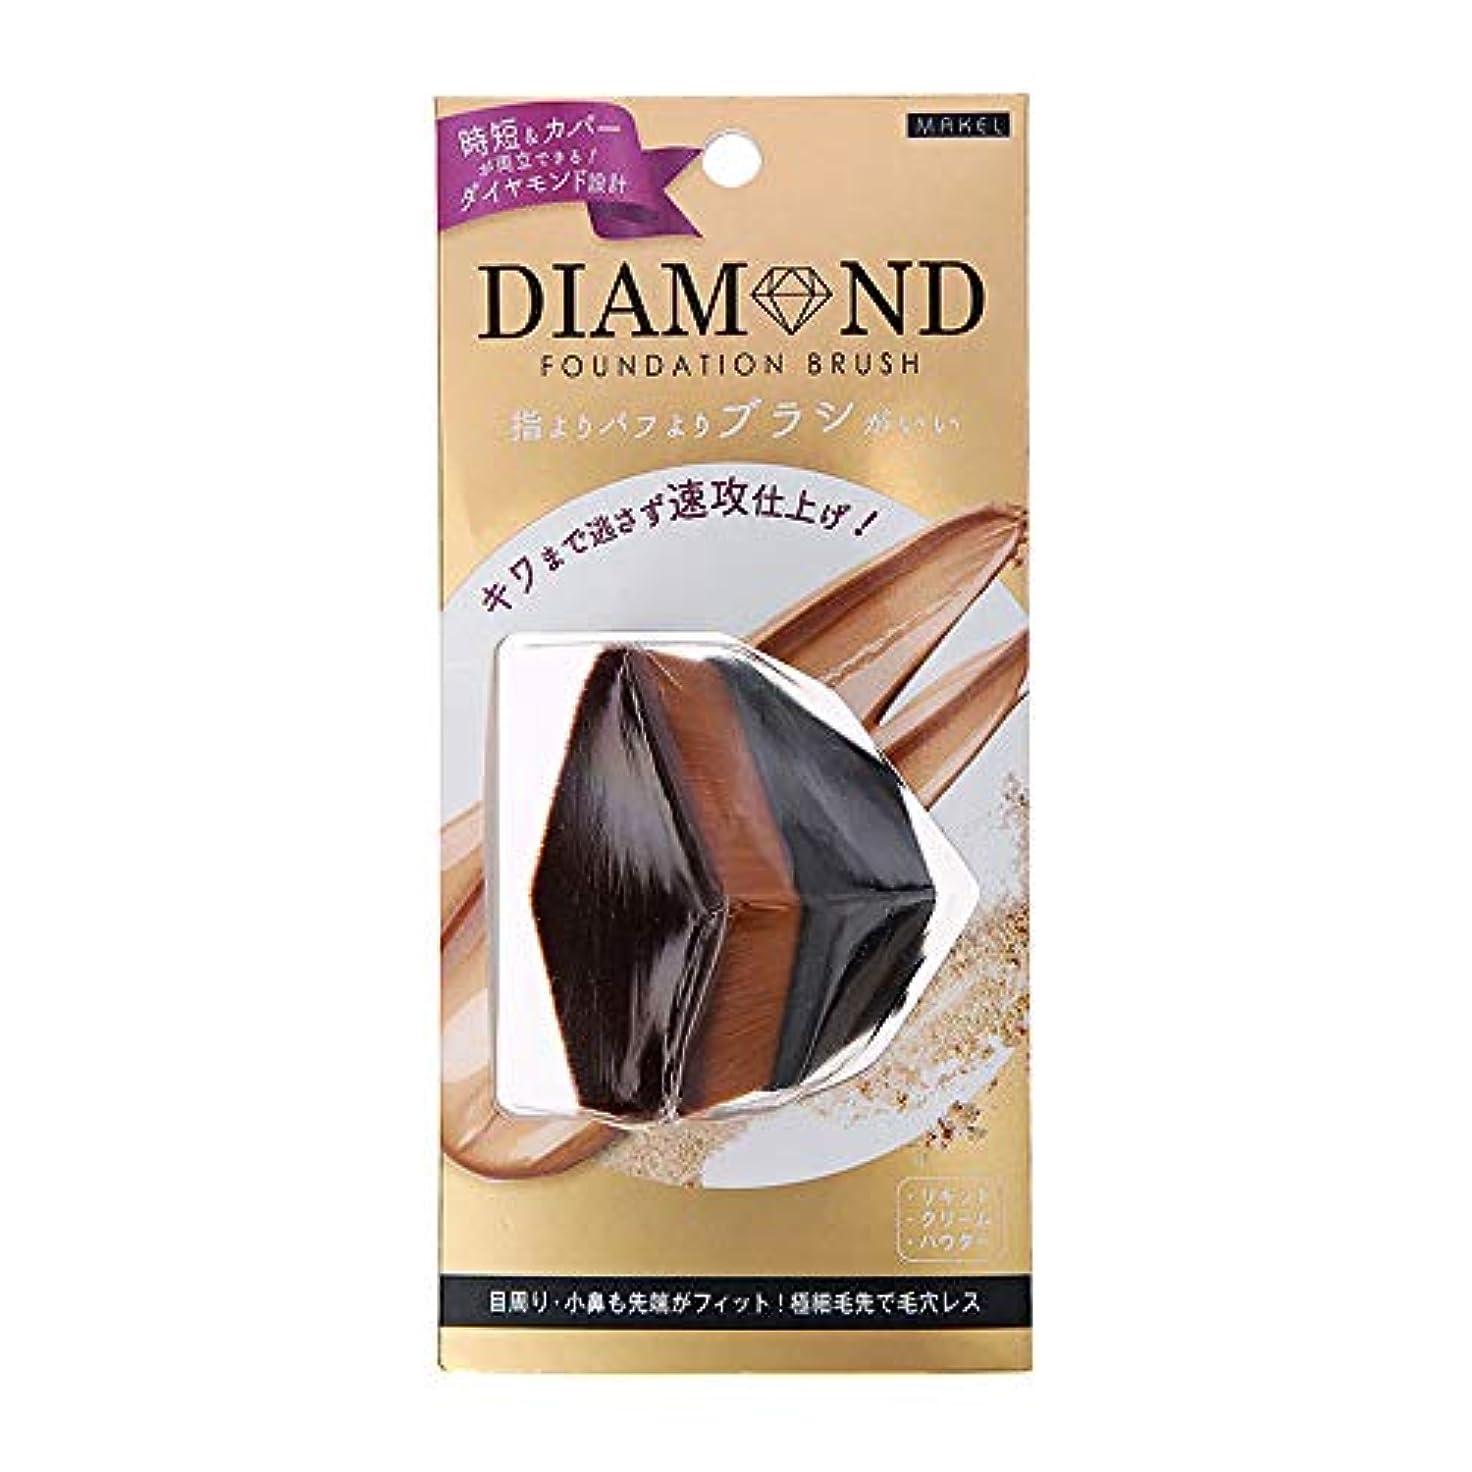 家畜膿瘍鋼ダイヤモンドファンデーションブラシ(ブラック) DIB1500